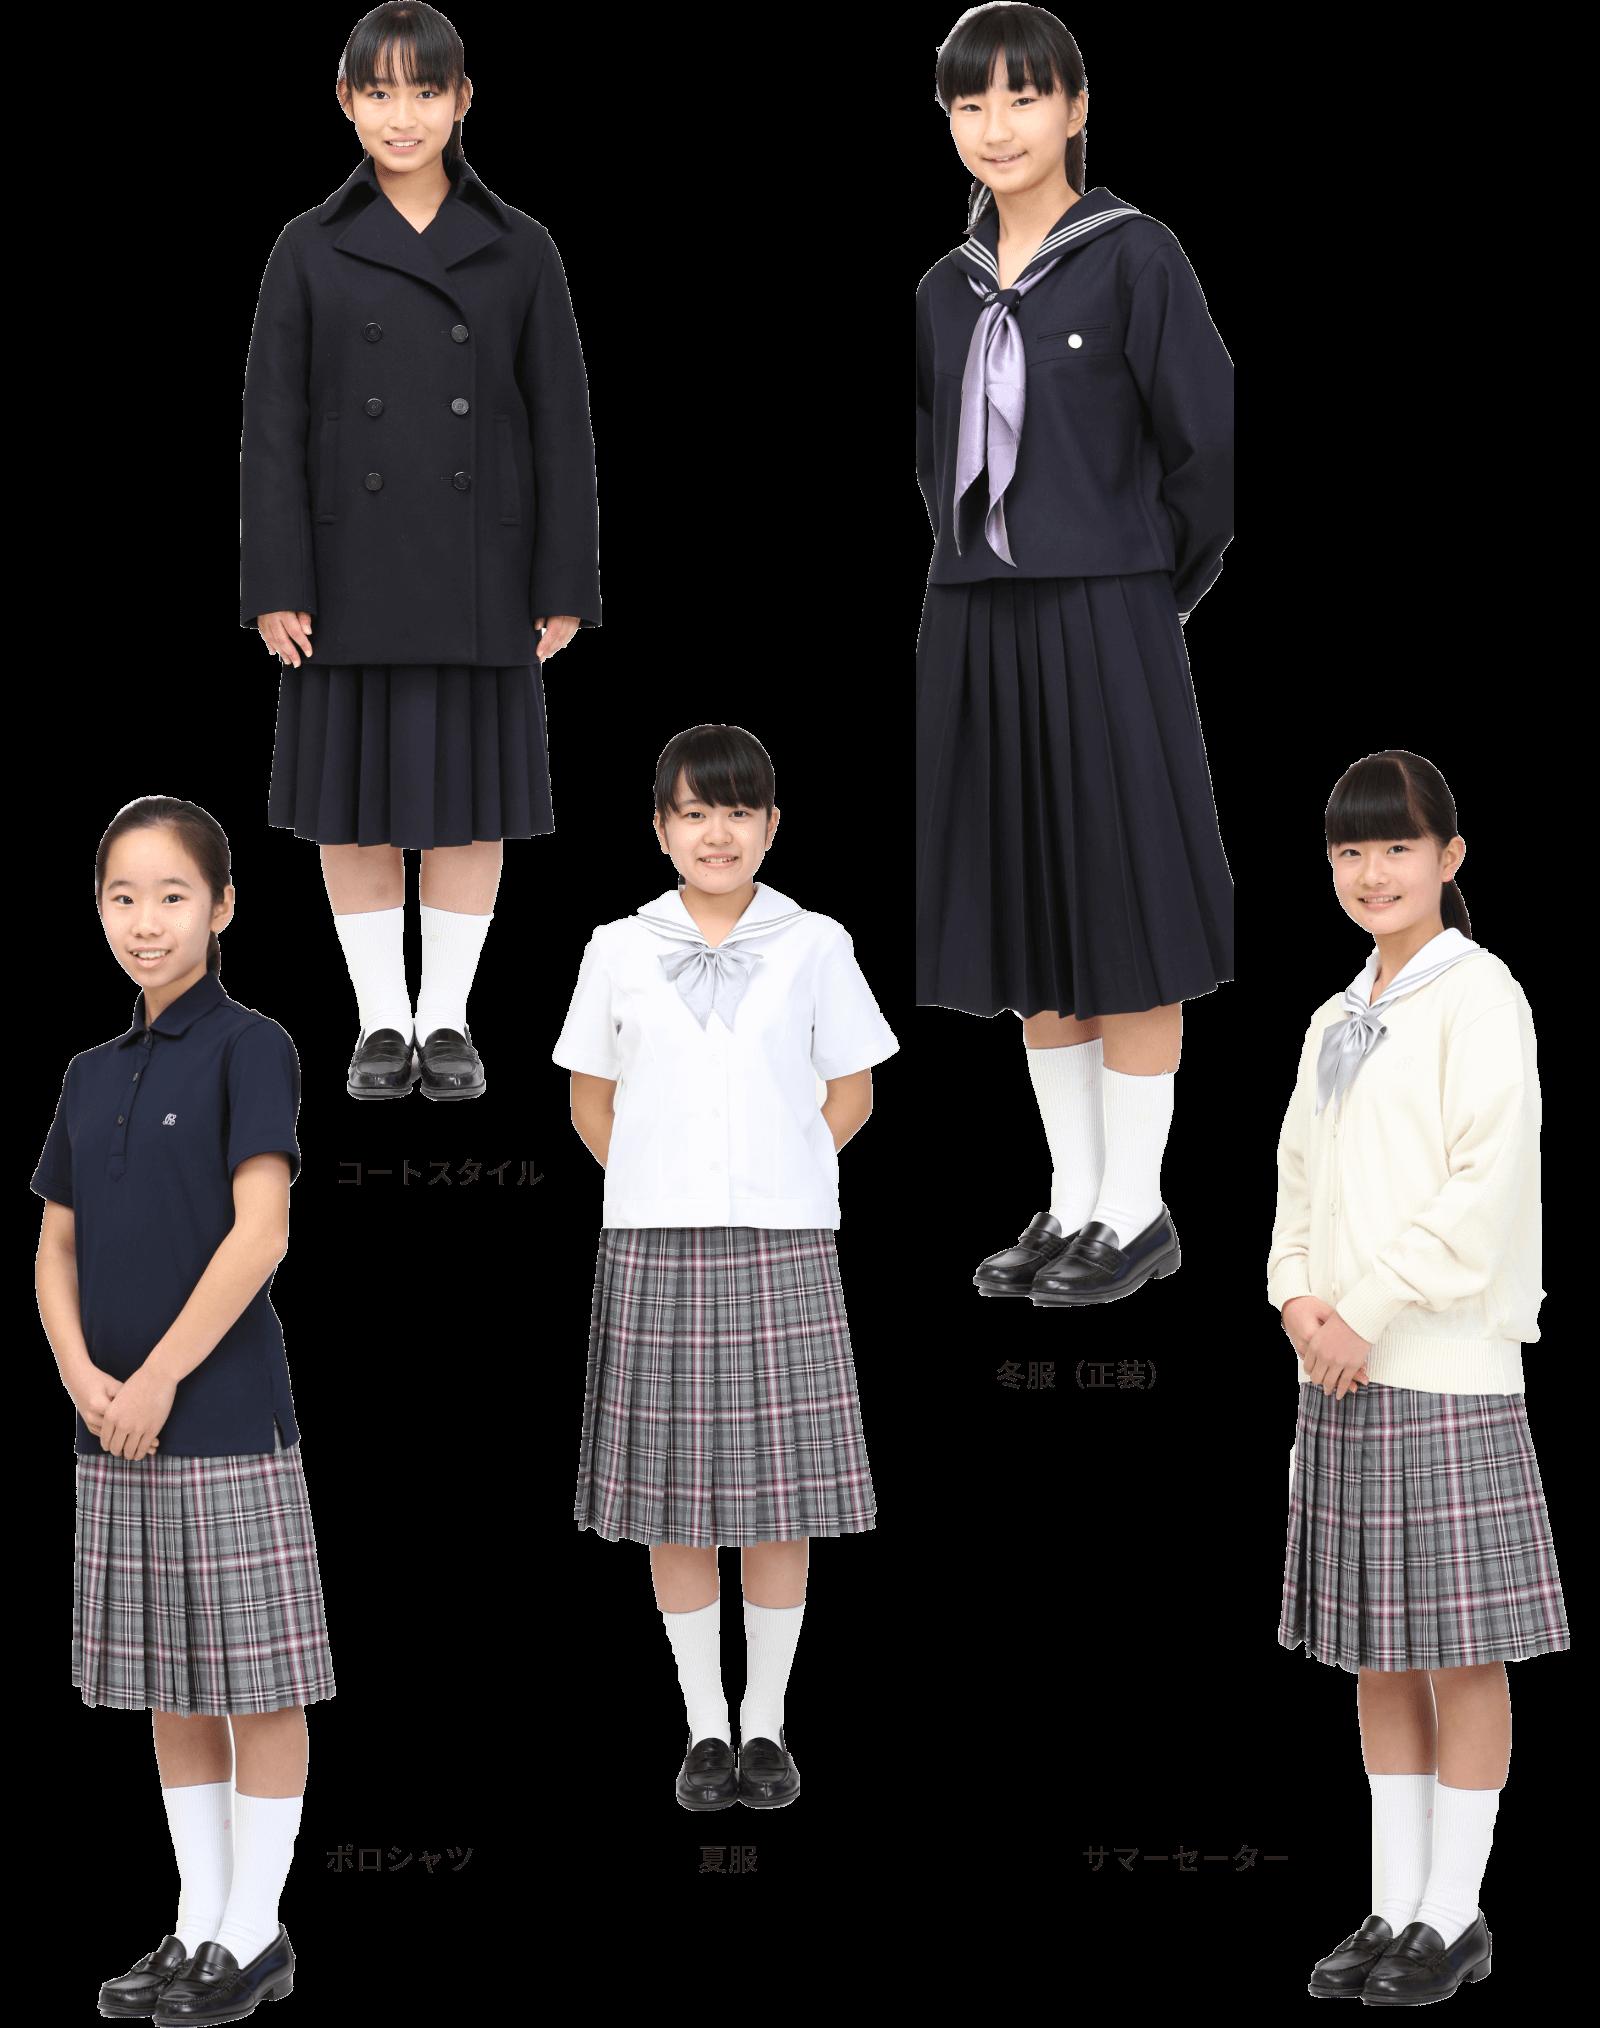 中学校制服